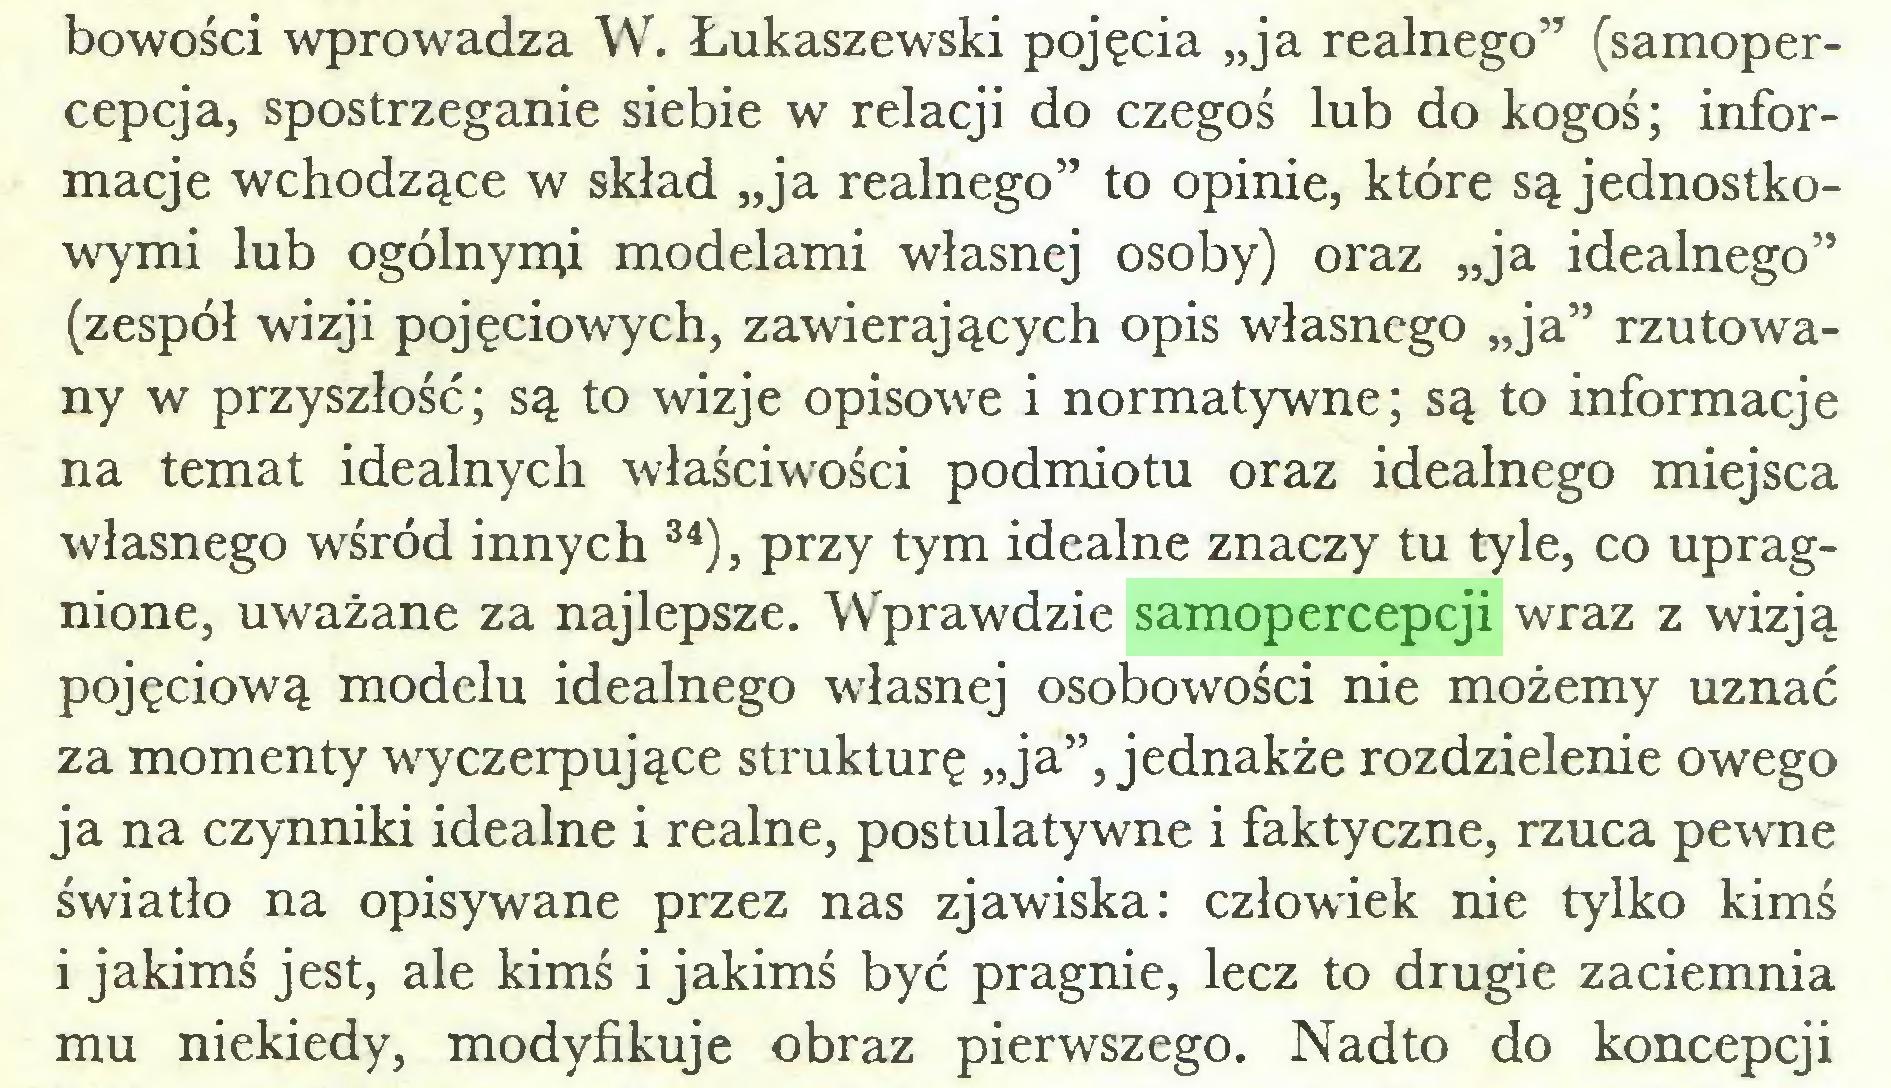 """(...) bowości wprowadza W. Łukaszewski pojęcia """"ja realnego""""1 (samopercepcja, spostrzeganie siebie w relacji do czegoś lub do kogoś; informacje wchodzące w skład """"ja realnego"""" to opinie, które są jednostkowymi lub ogólnymi modelami własnej osoby) oraz """"ja idealnego"""" (zespół wizji pojęciowych, zawierających opis własnego """"ja"""" rzutowany w przyszłość; są to wizje opisowe i normatywne; są to informacje na temat idealnych właściwości podmiotu oraz idealnego miejsca własnego wśród innych 34), przy tym idealne znaczy tu tyle, co upragnione, uważane za najlepsze. Wprawdzie samopercepcji wraz z wizją pojęciową modelu idealnego własnej osobowości nie możemy uznać za momenty wyczerpujące strukturę """"ja"""", jednakże rozdzielenie owego ja na czynniki idealne i realne, postulatywne i faktyczne, rzuca pewne światło na opisywane przez nas zjawiska: człowiek nie tylko kimś i jakimś jest, ale kimś i jakimś być pragnie, lecz to drugie zaciemnia mu niekiedy, modyfikuje obraz pierwszego. Nadto do koncepcji..."""